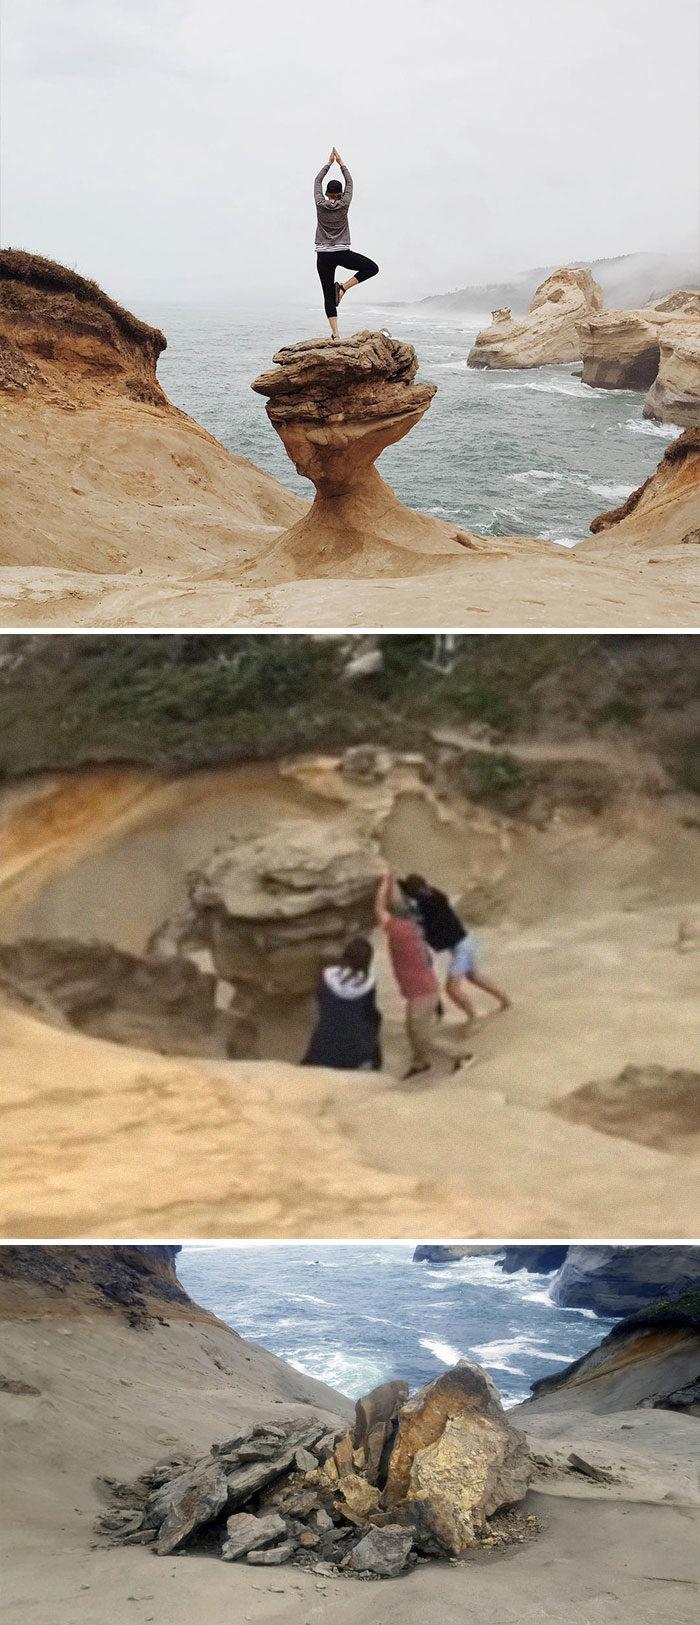 26個「超沒品觀光客」毀掉地球的鐵證 把海豚寶寶「抓來自拍」?